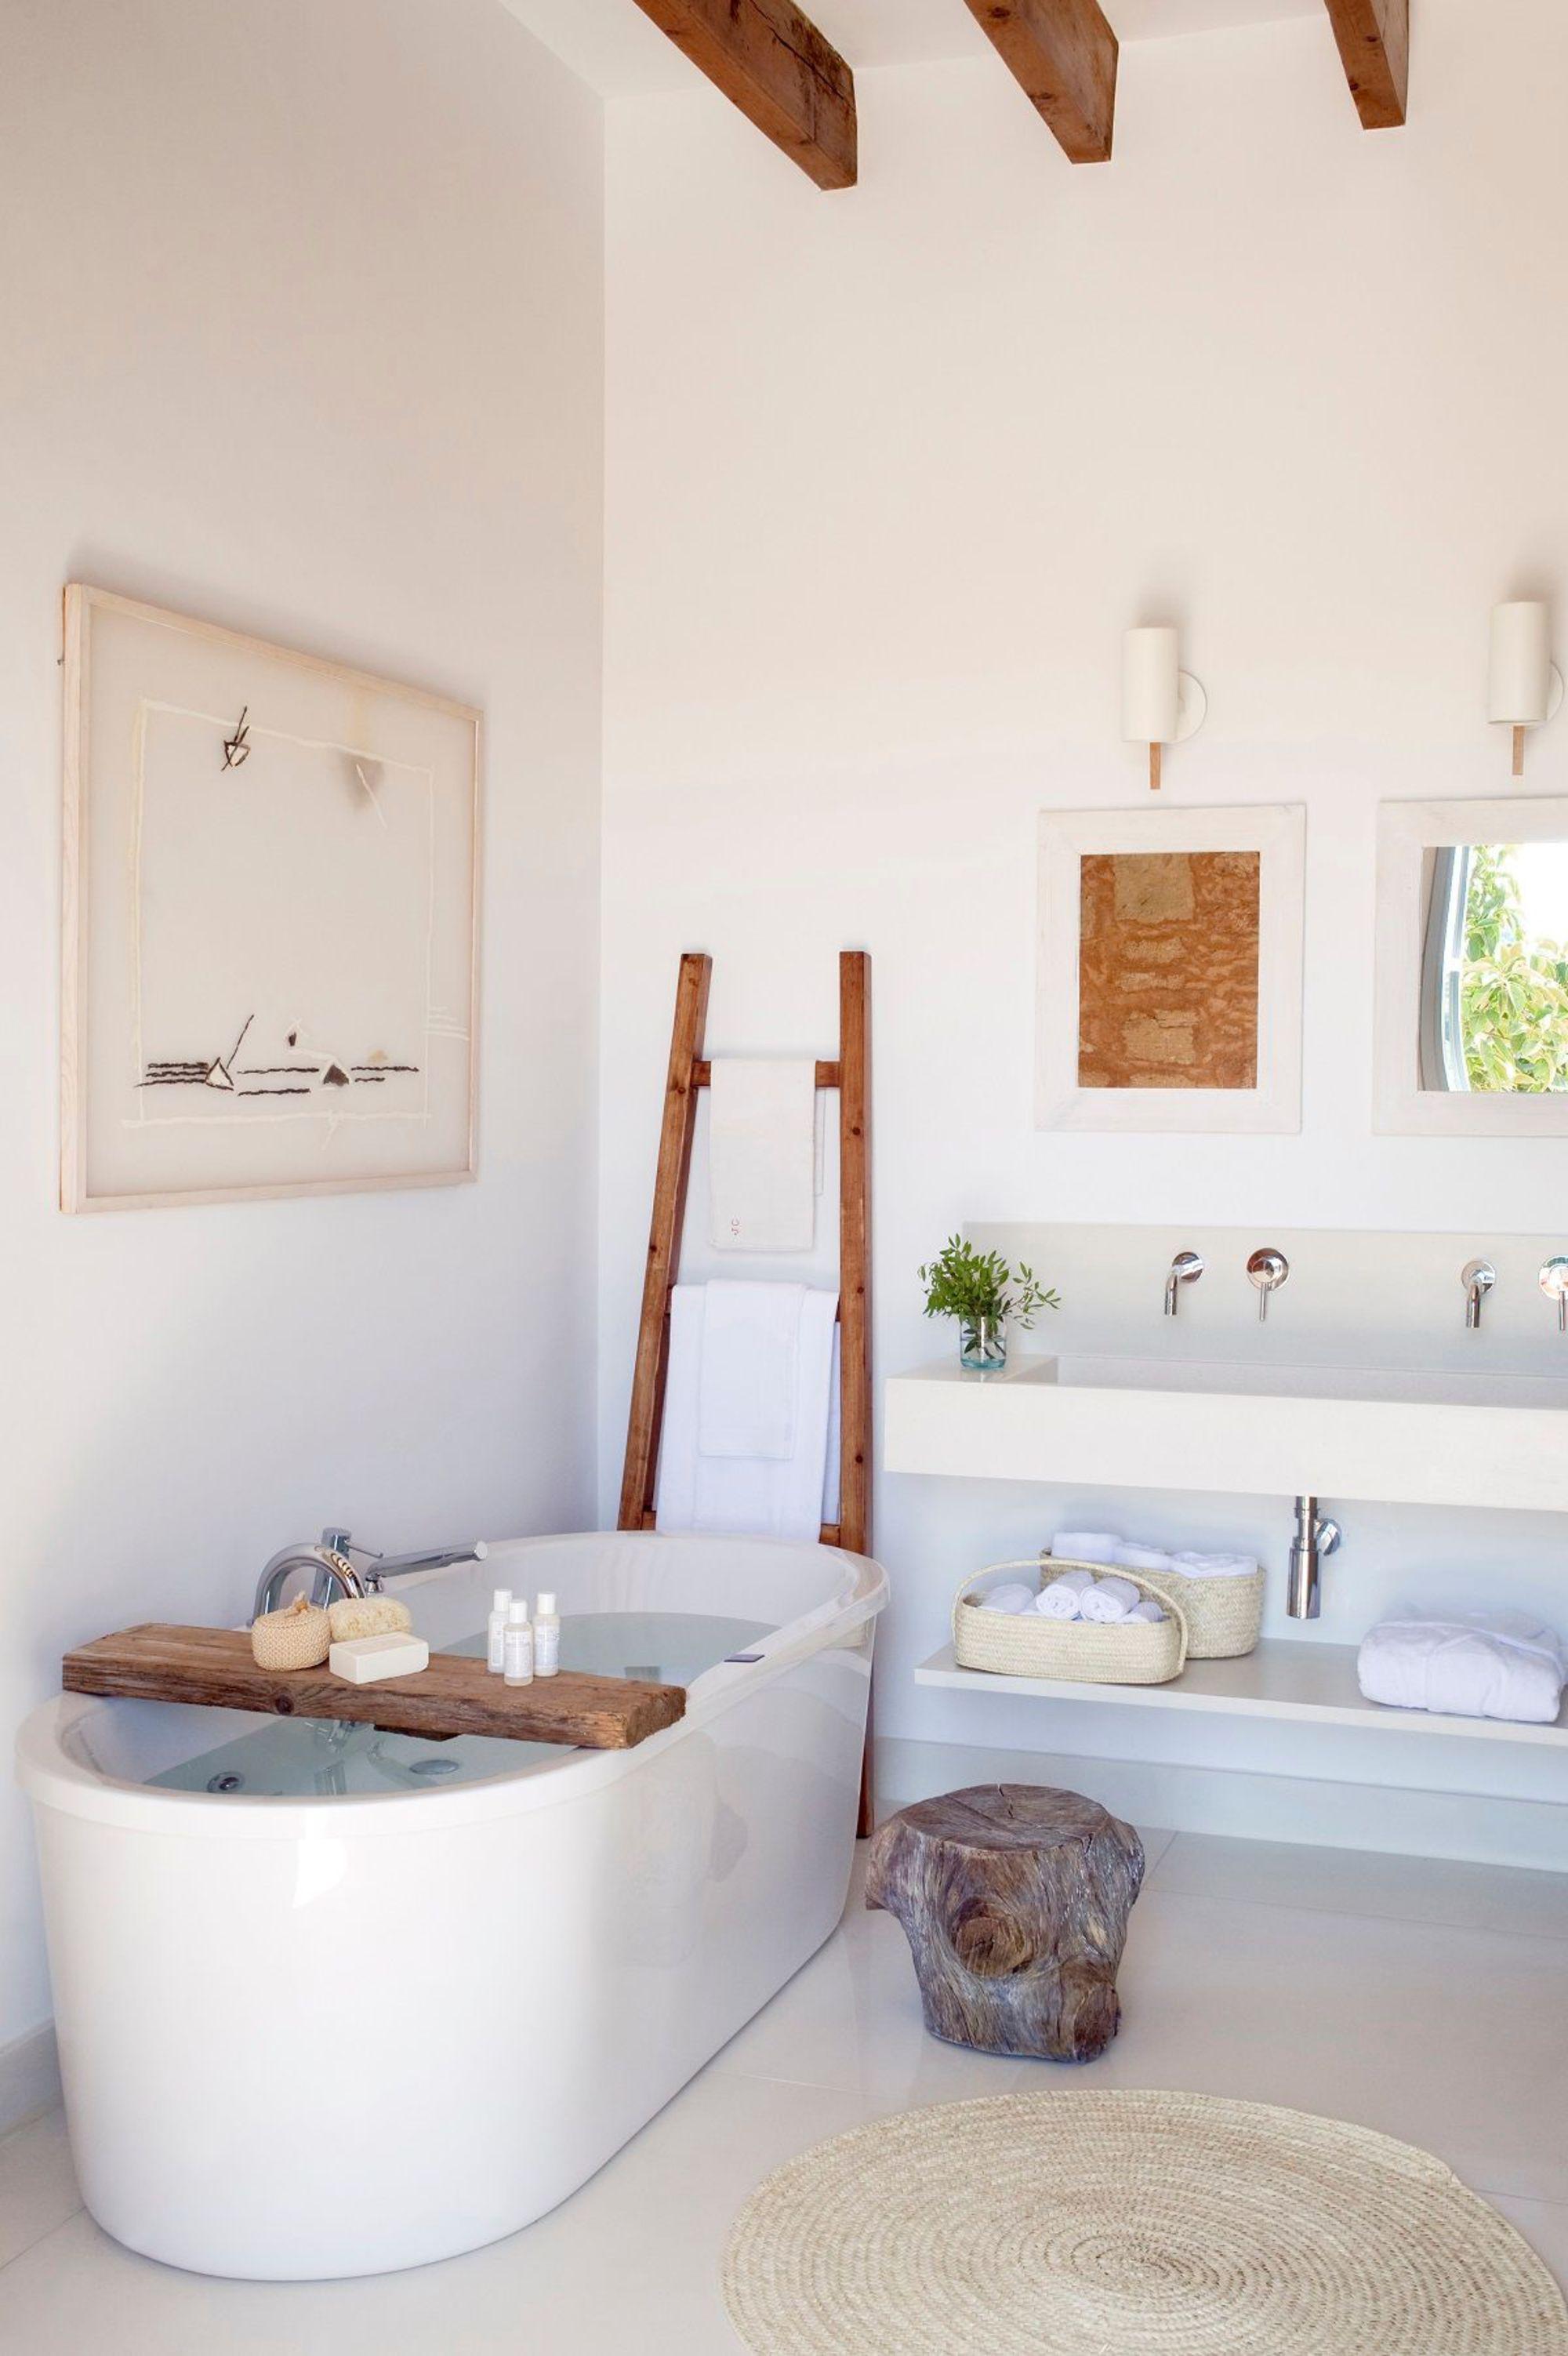 Deco salle de bain : esprit bord de mer tendance | INSPIRATIONS ...